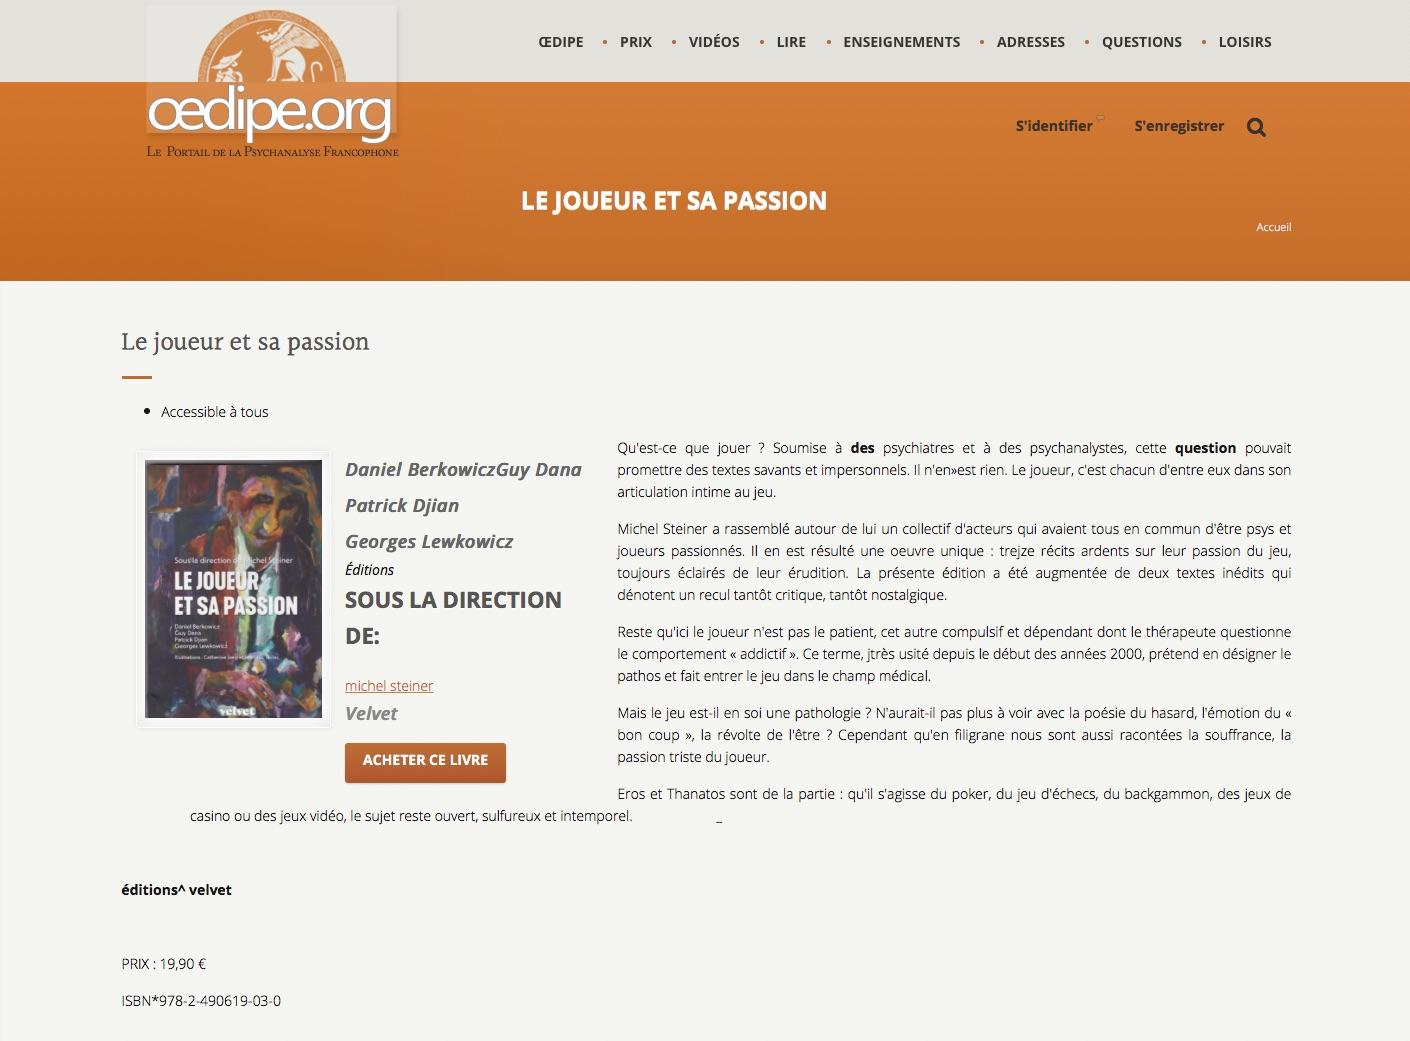 Le Joueur et sa passion sélectionné par le comité de lecture d'O